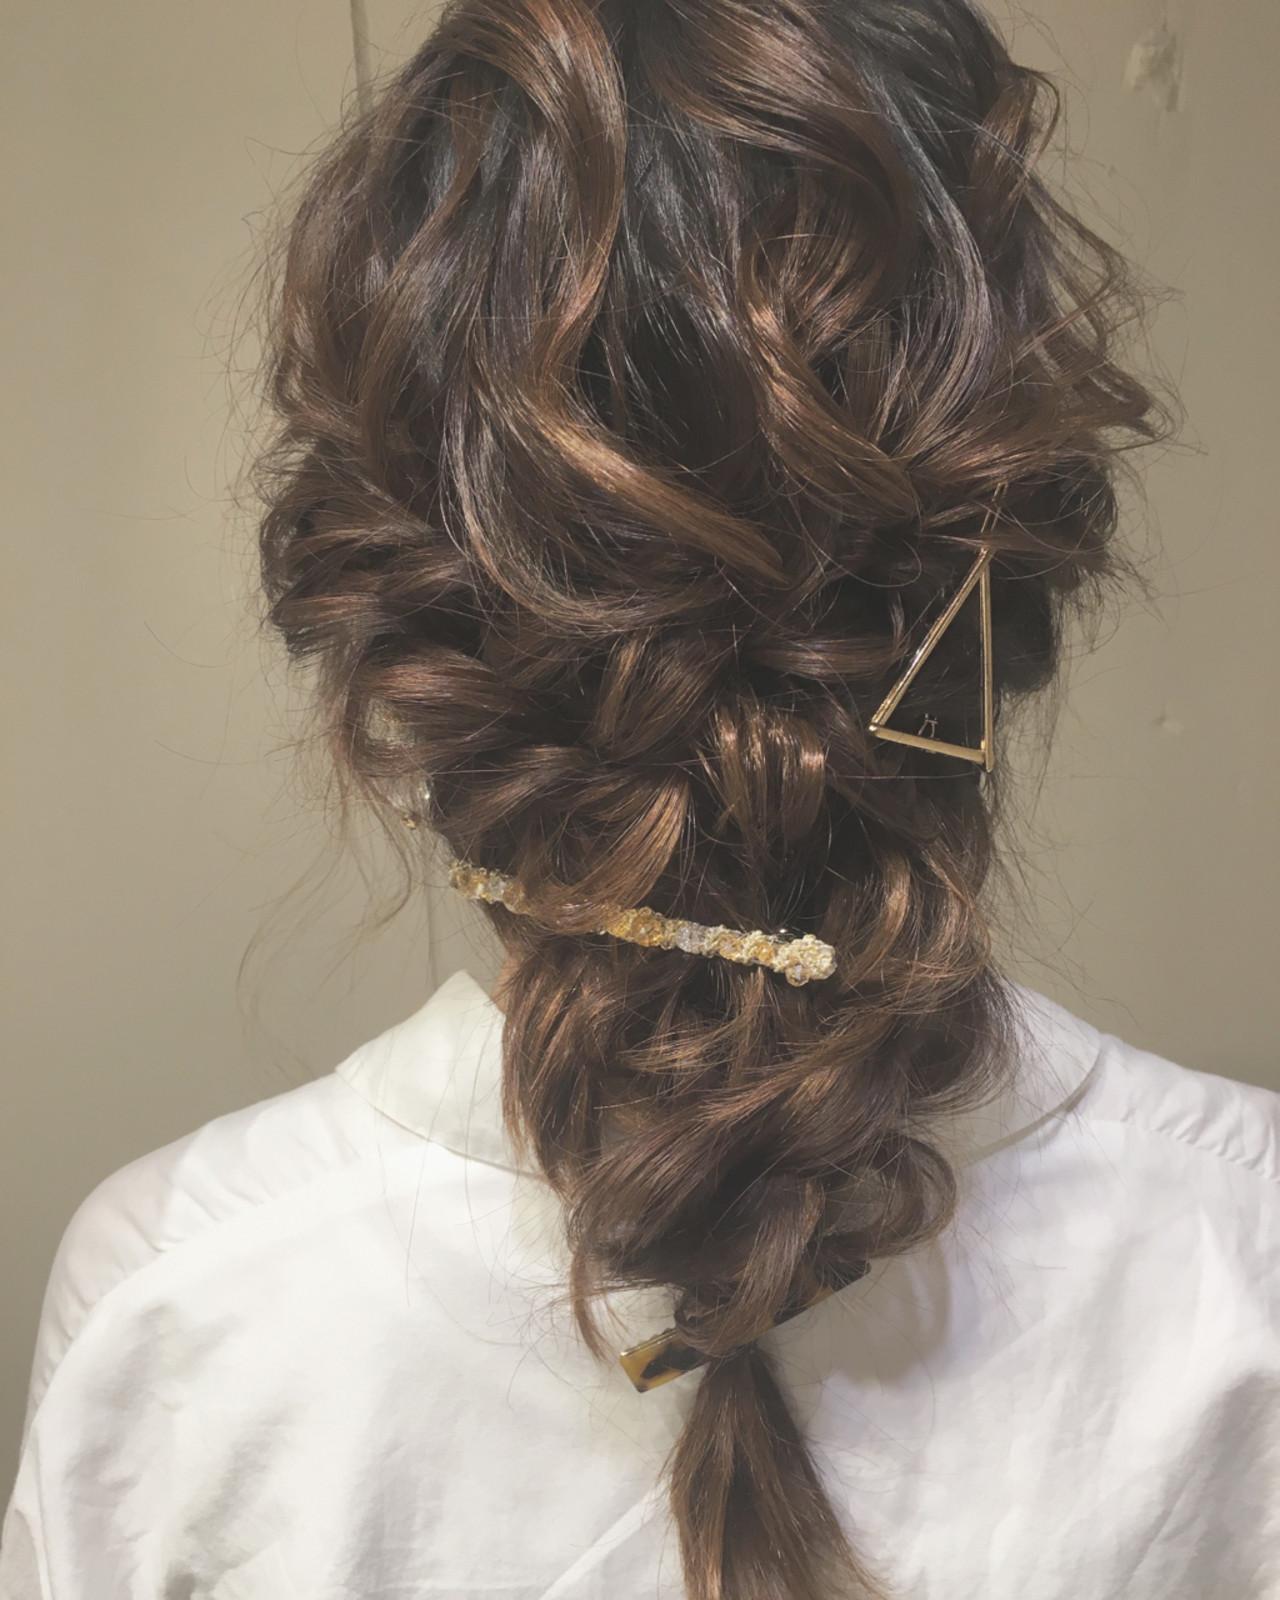 結婚式 セミロング ヘアアレンジ パーティ ヘアスタイルや髪型の写真・画像